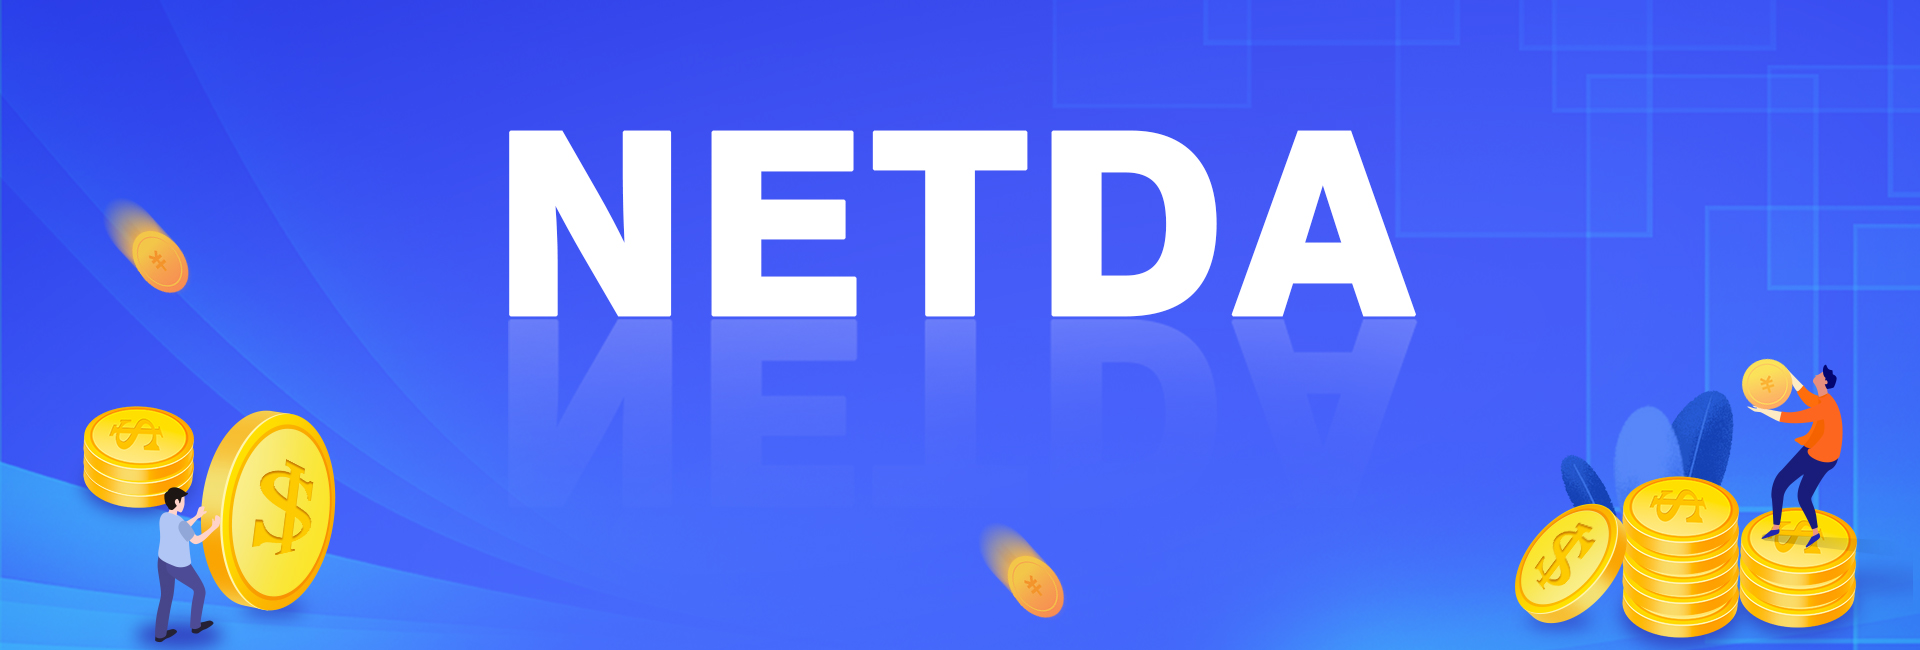 NETDA achieves key industries chain development